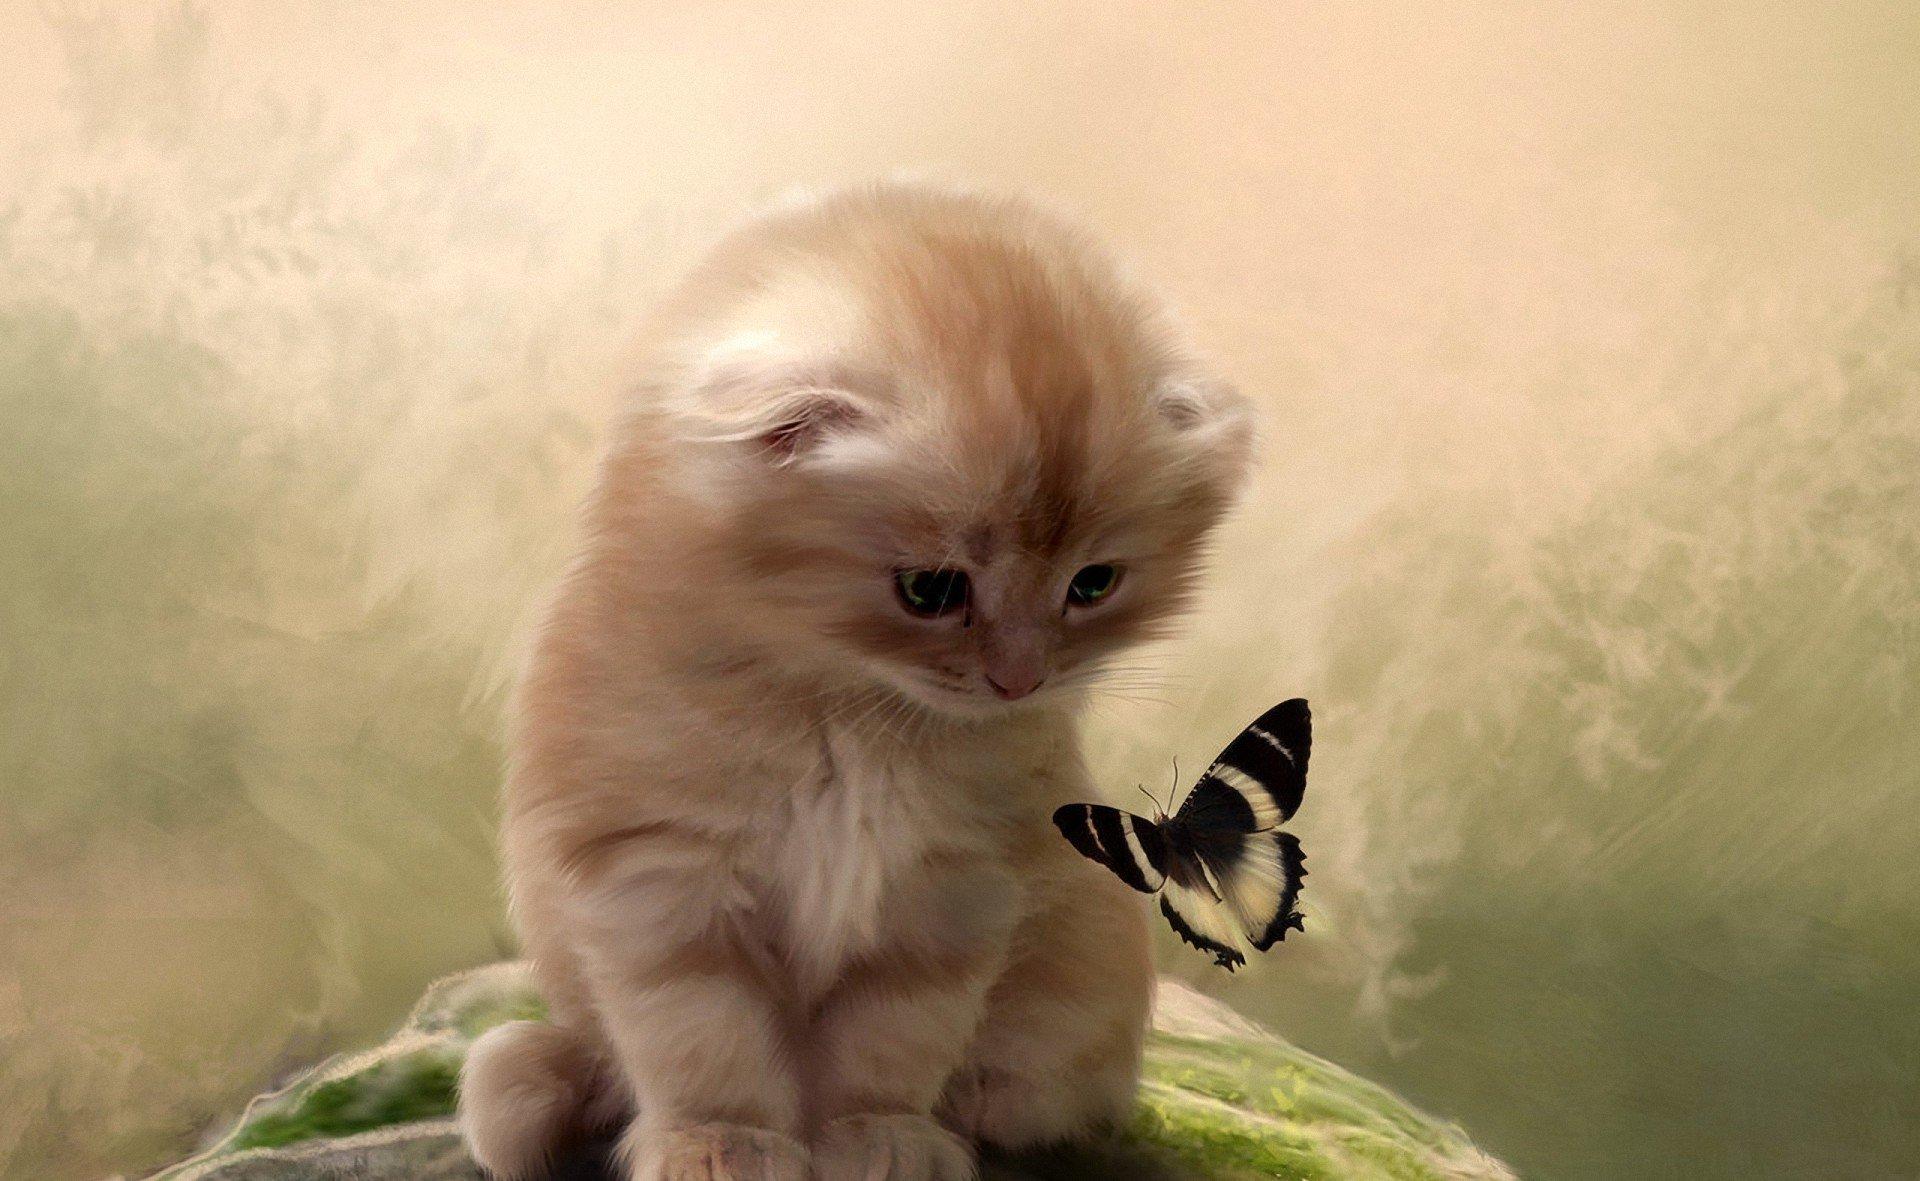 нужно картинки на телефон движущиеся животные кошки при фотоэффекте электромагнитное